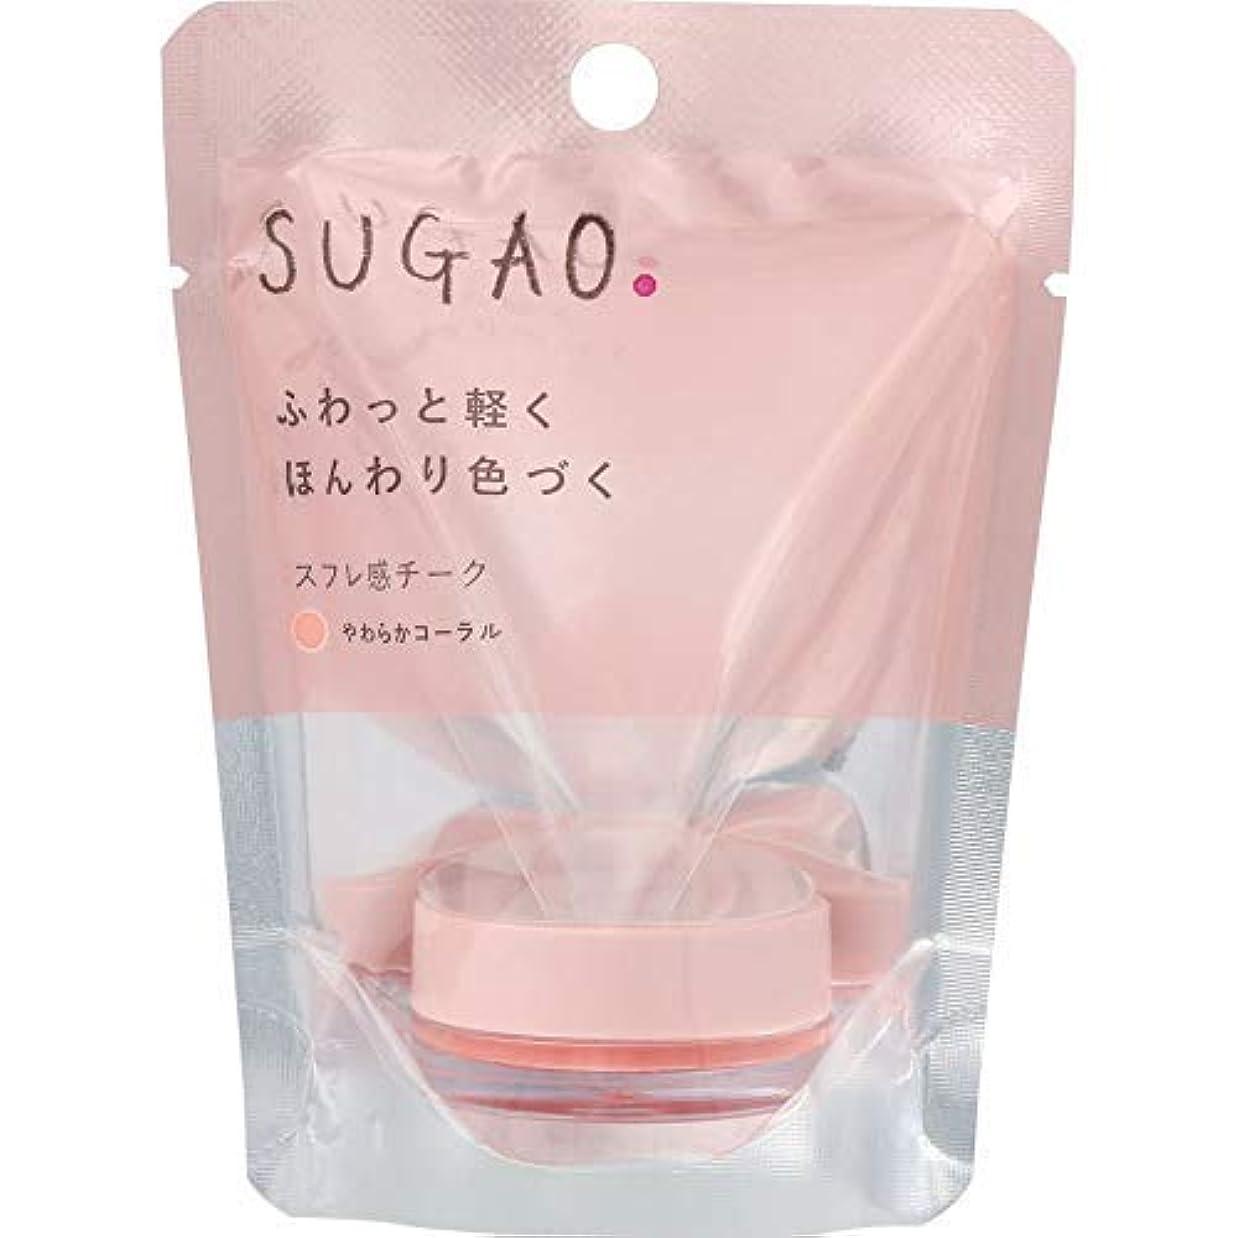 飢ゴミ箱取るに足らないSUGAO スフレ感チーク やわらかコーラル × 12個セット